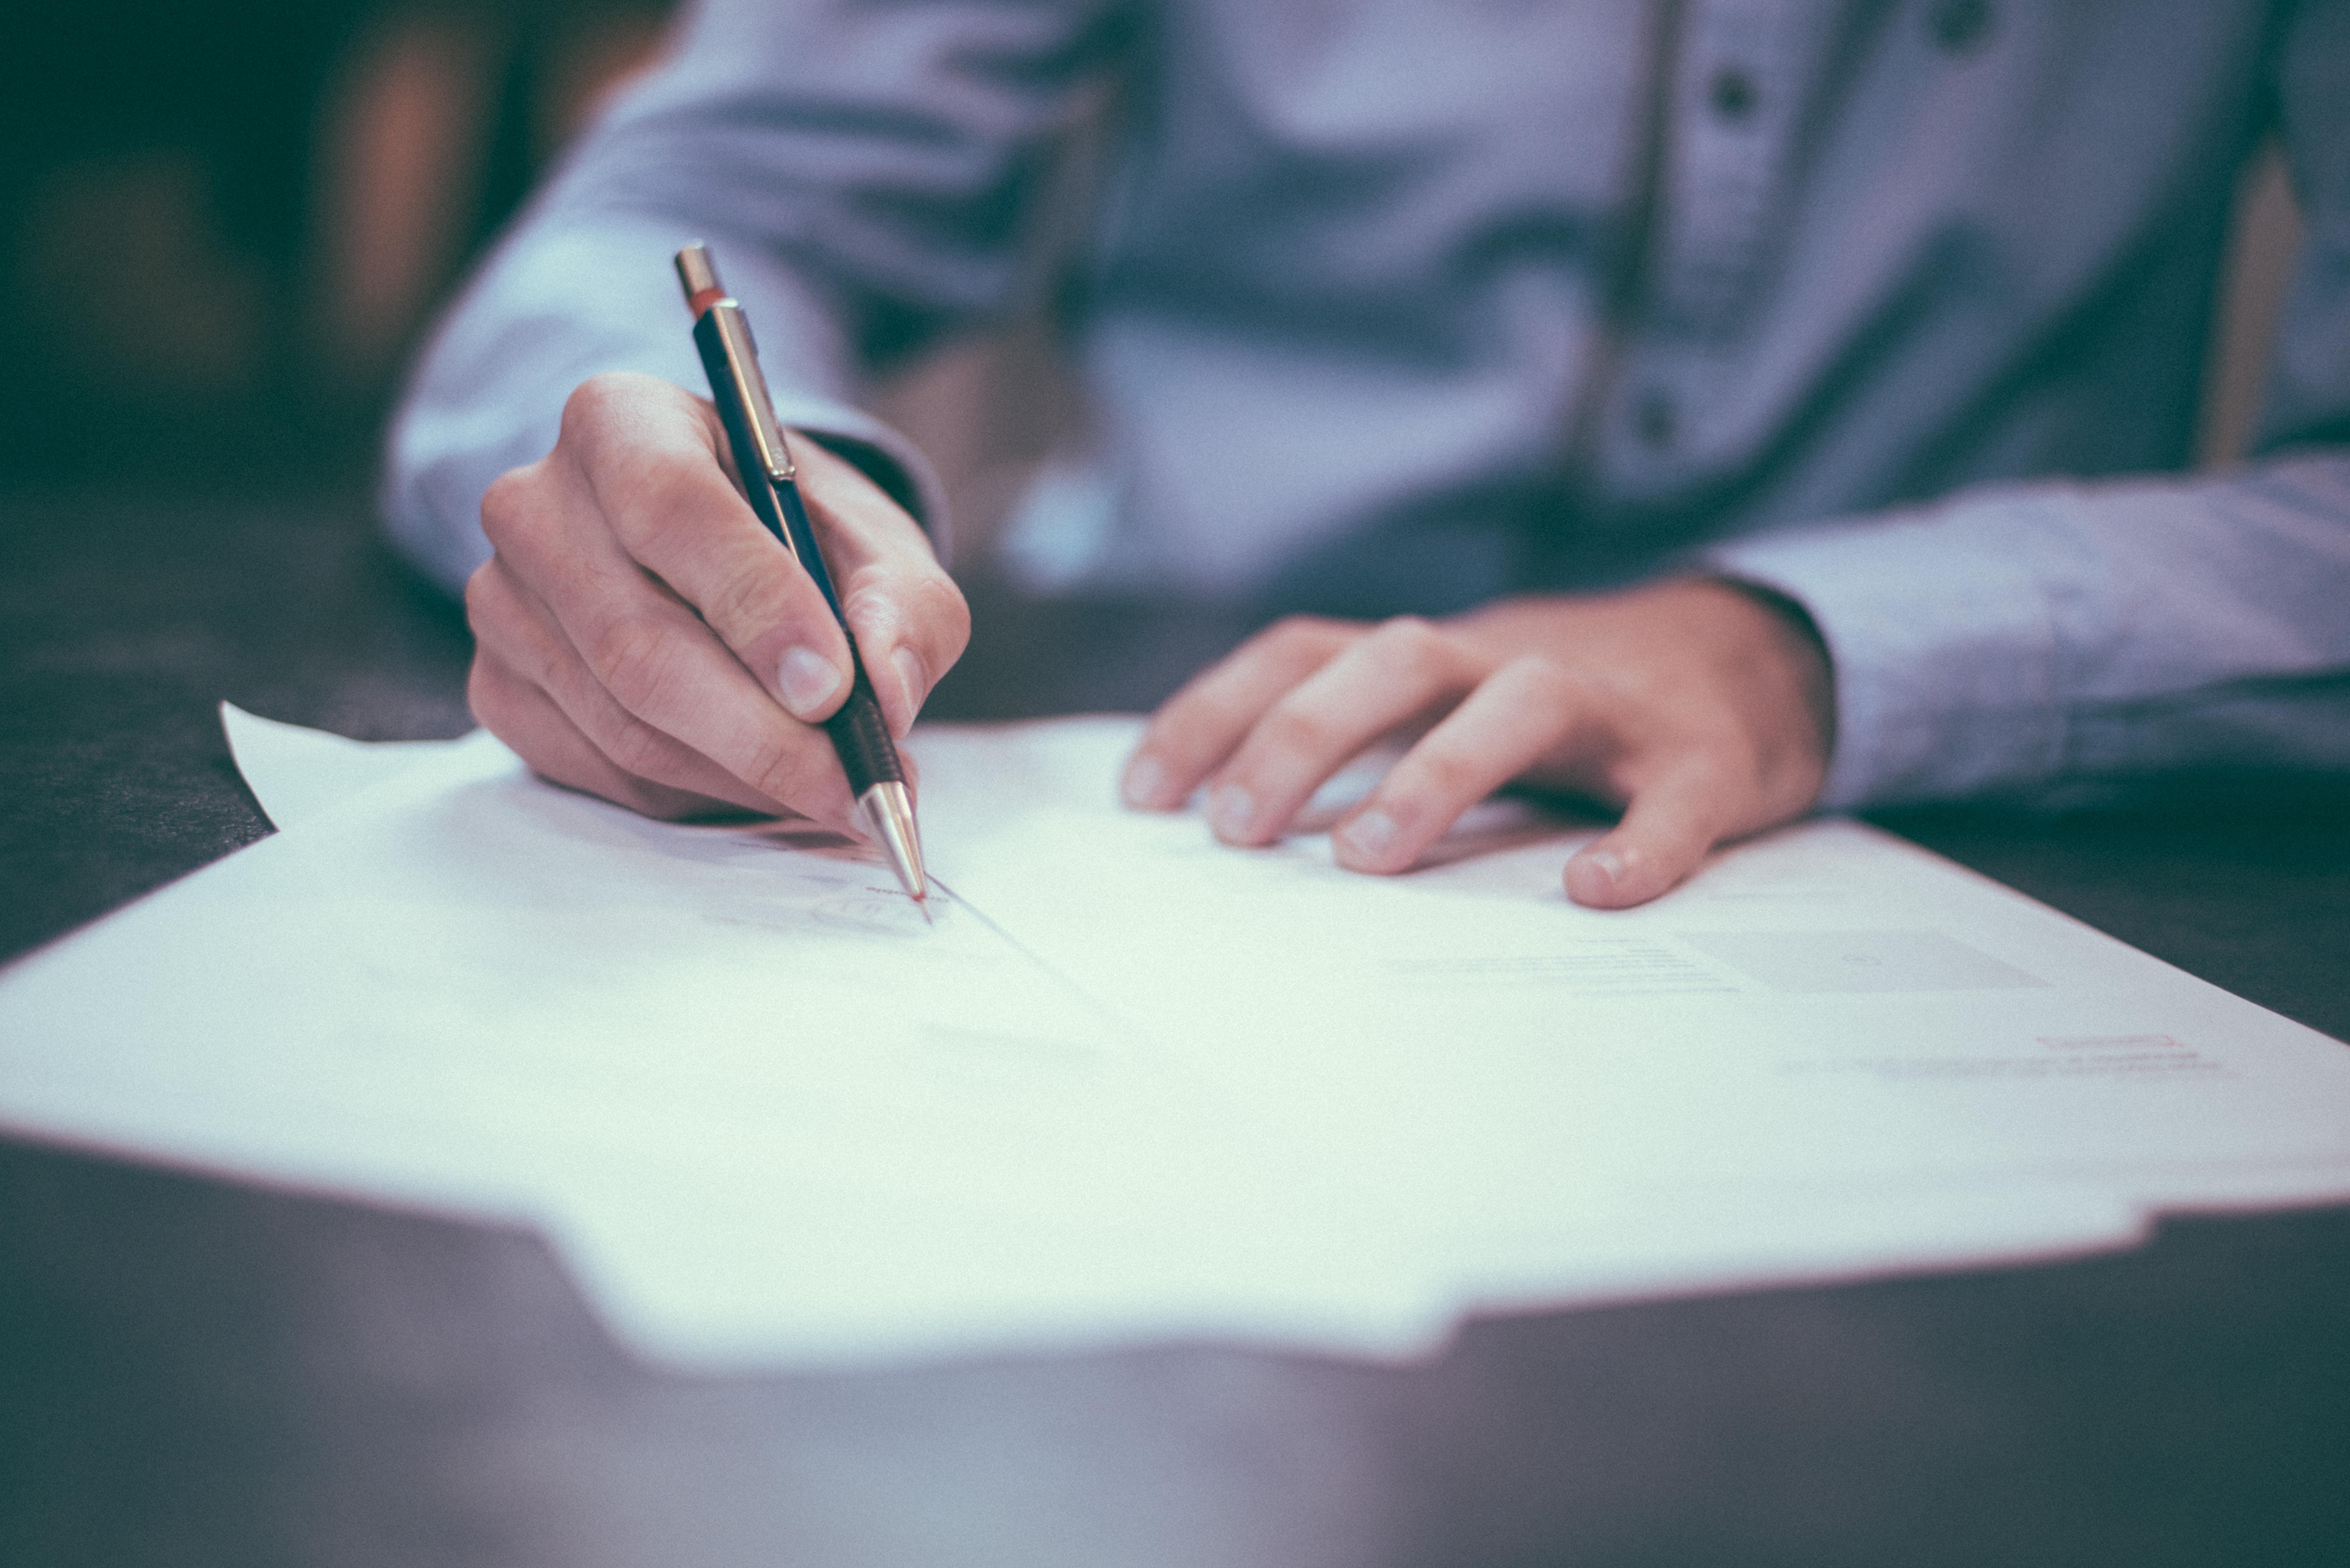 How to write a good CV